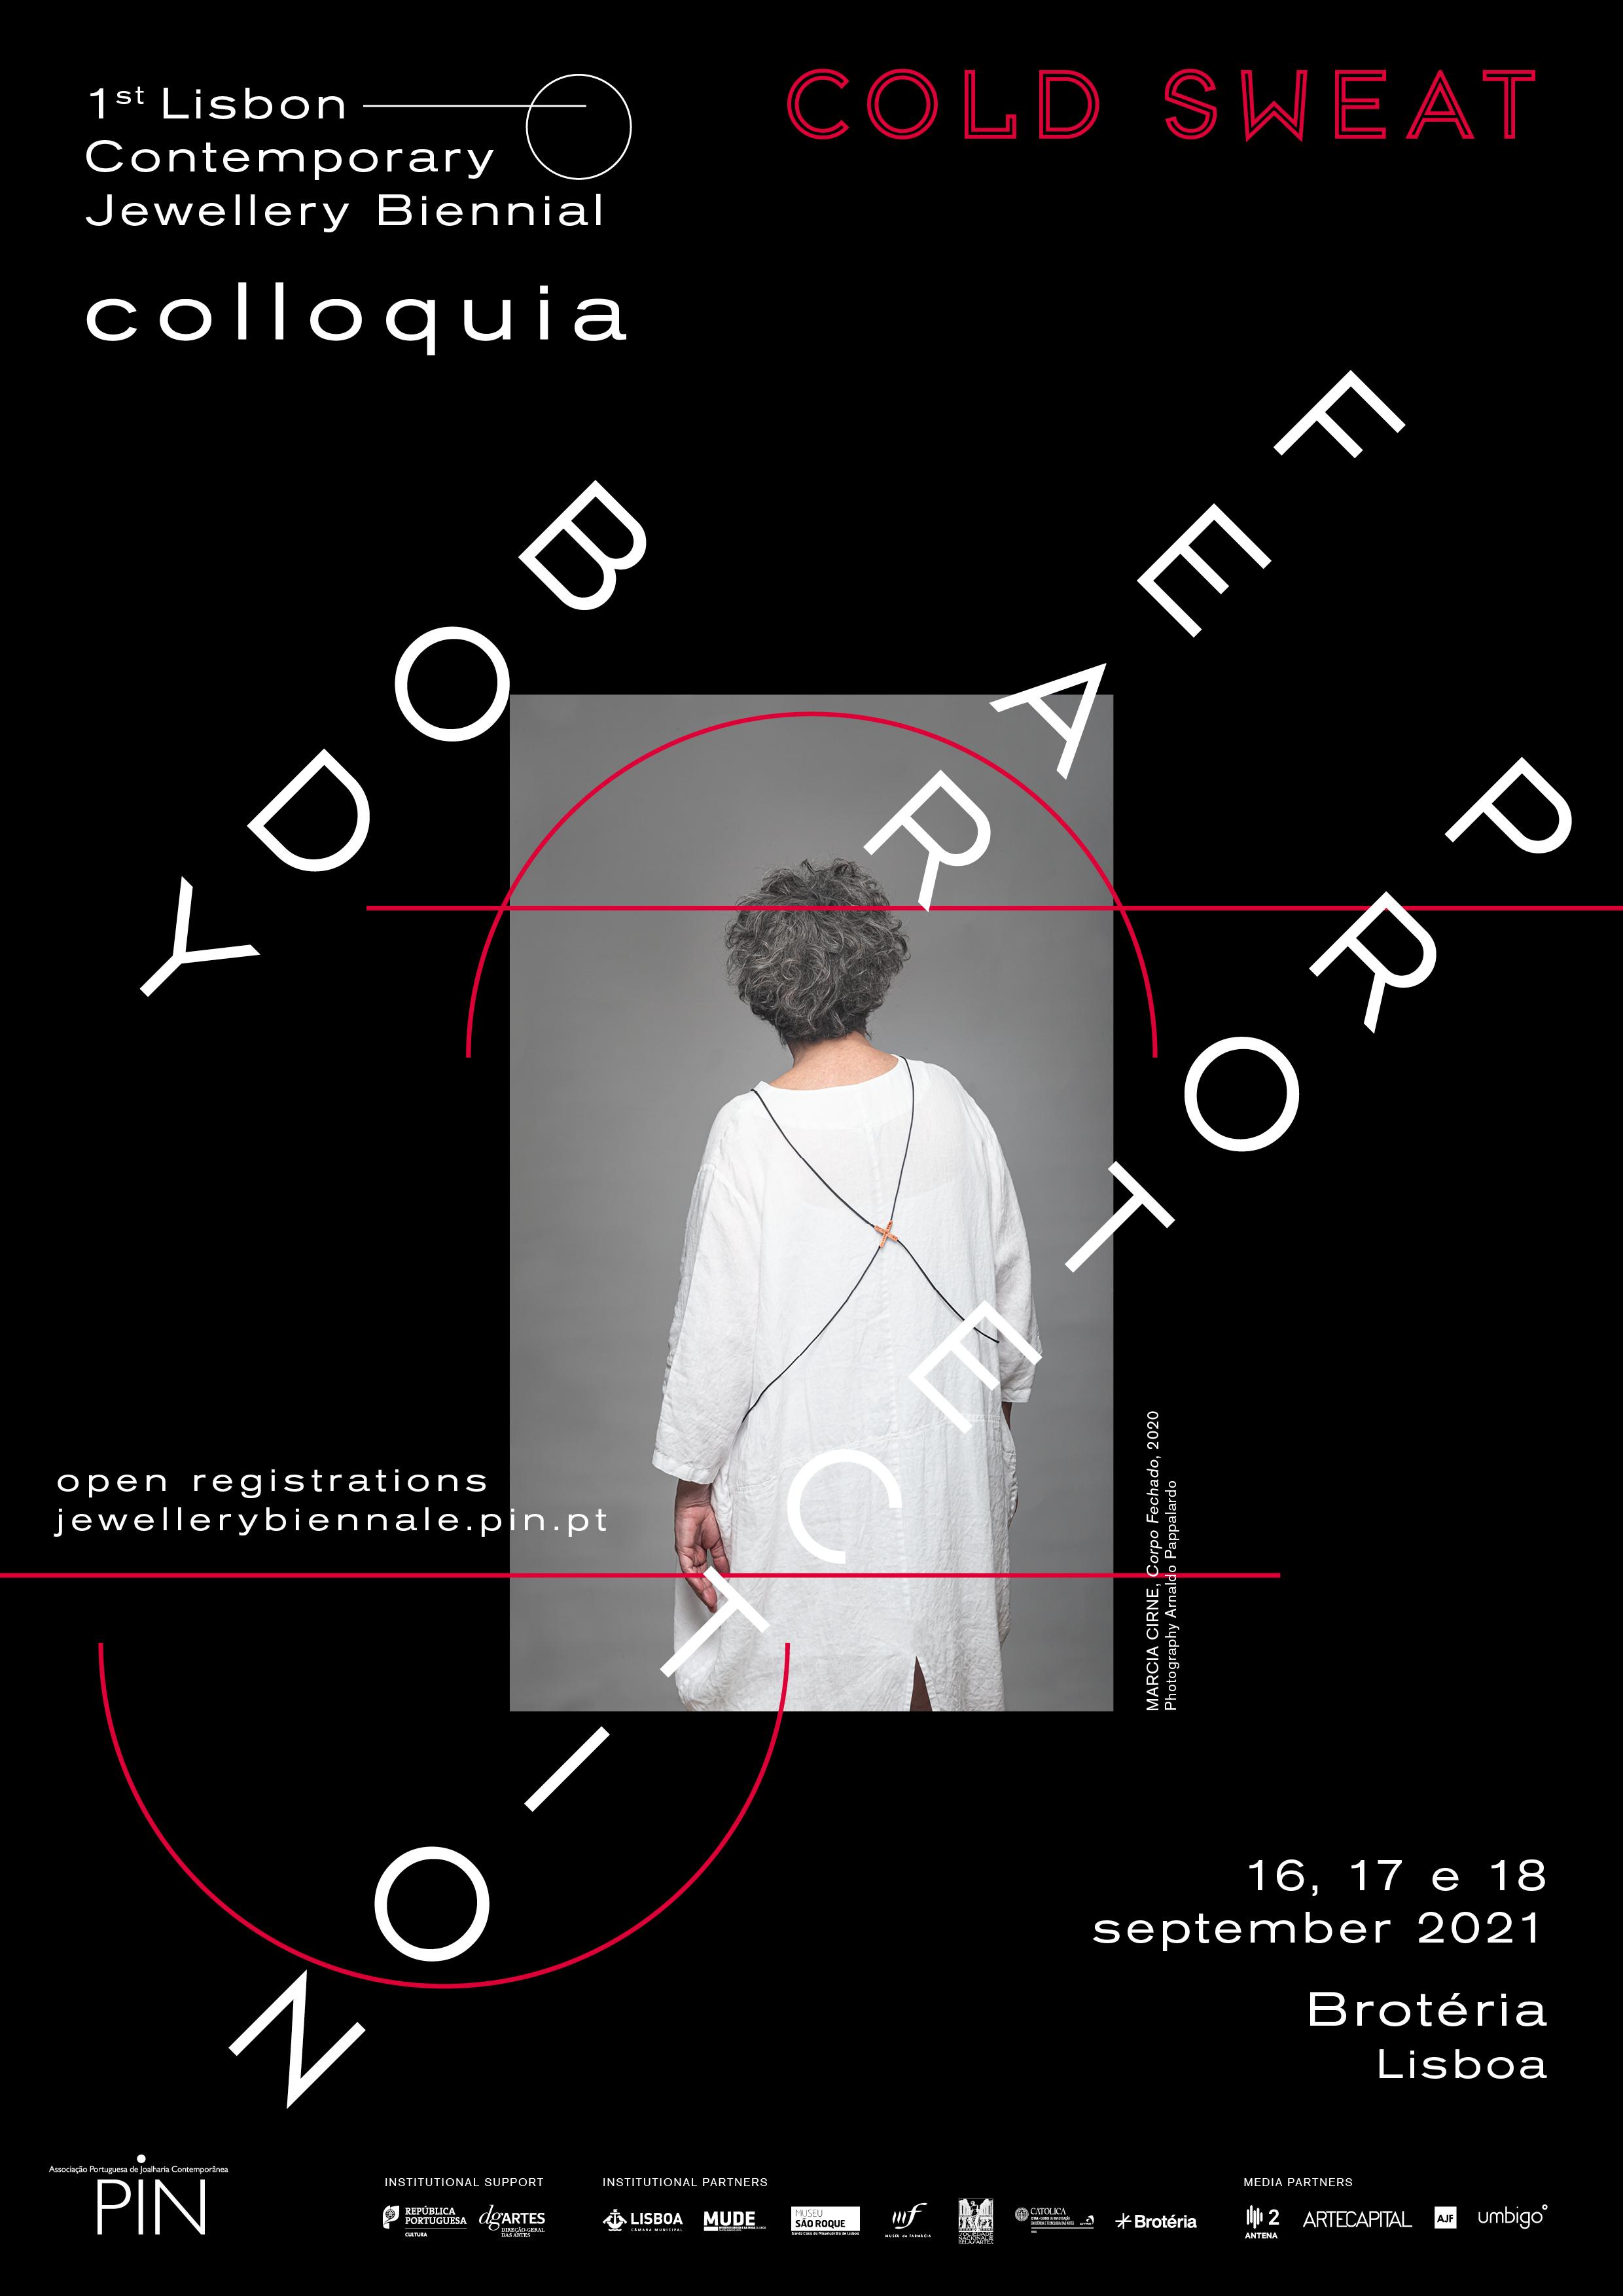 Flyer Colloquia, 1st Lisbon Cotemporary Jewellery Biennial 2021. Foto PIN,